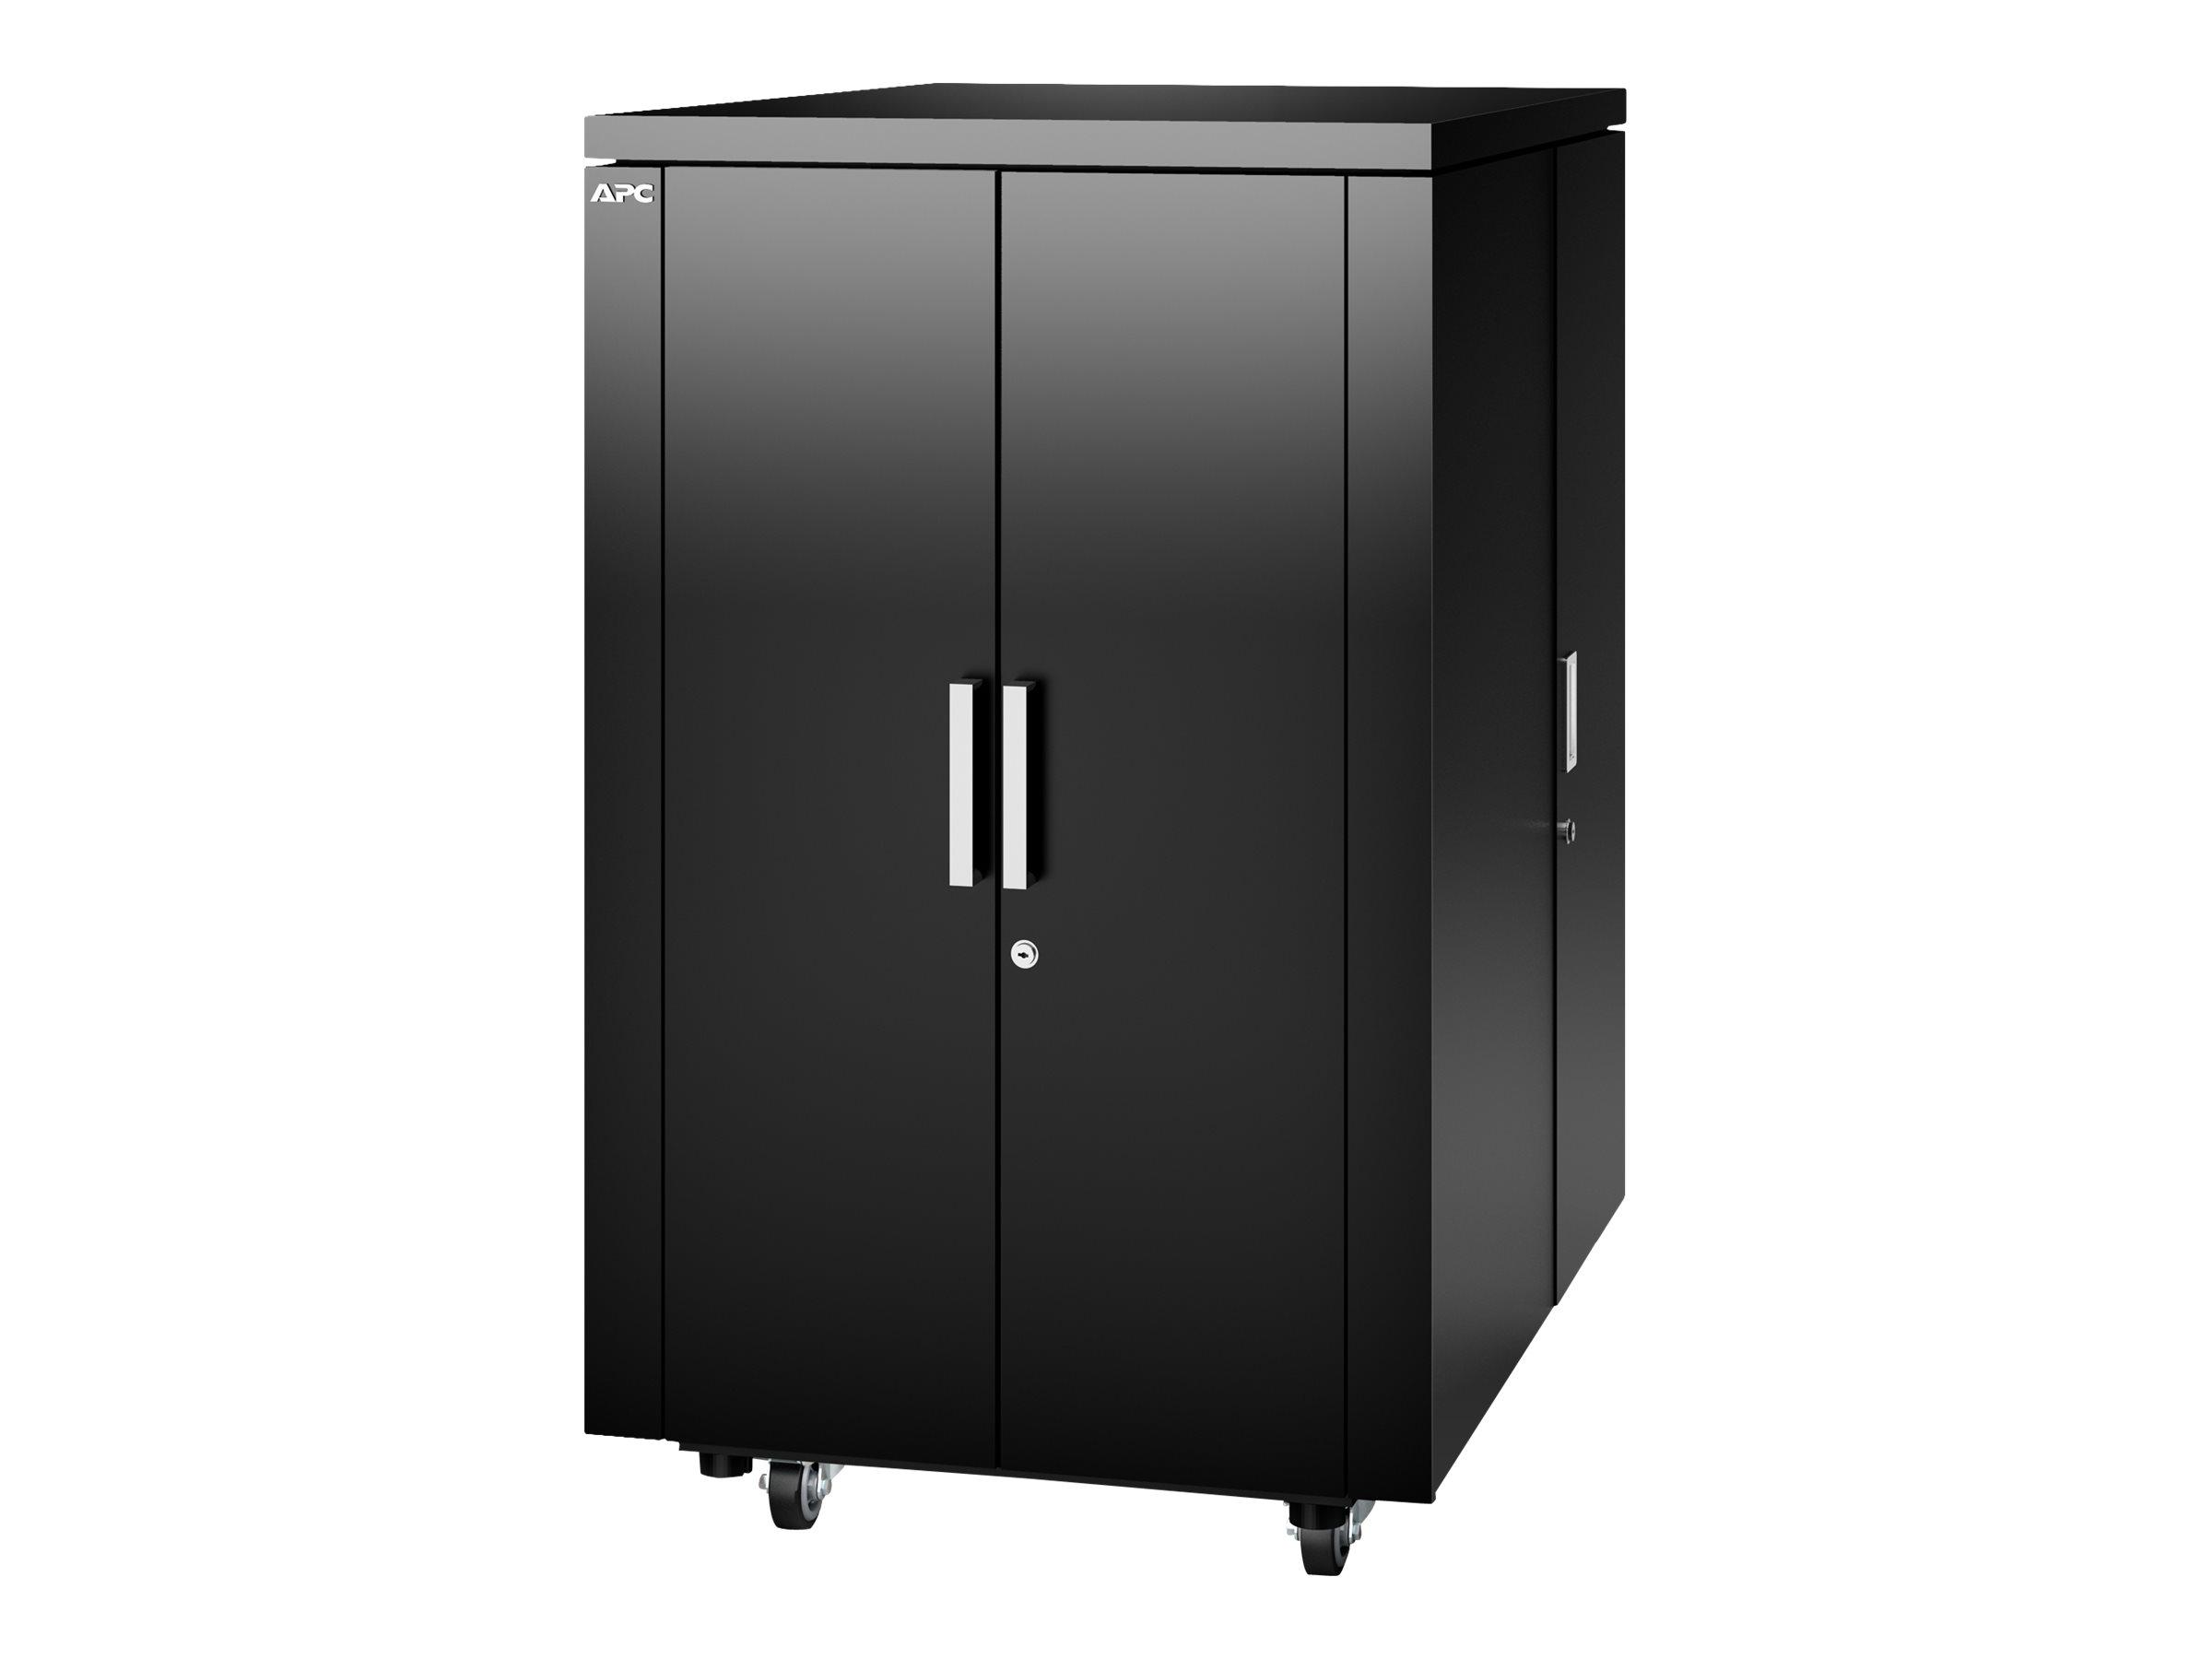 """APC NetShelter CX Secure Soundproof Server Room in a Box Enclosure - Shock Packaging - Schrank - Netzwerkschrank - mit Stromverteilungseinheit - Schwarz - 24U - 48.3 cm (19"""")"""